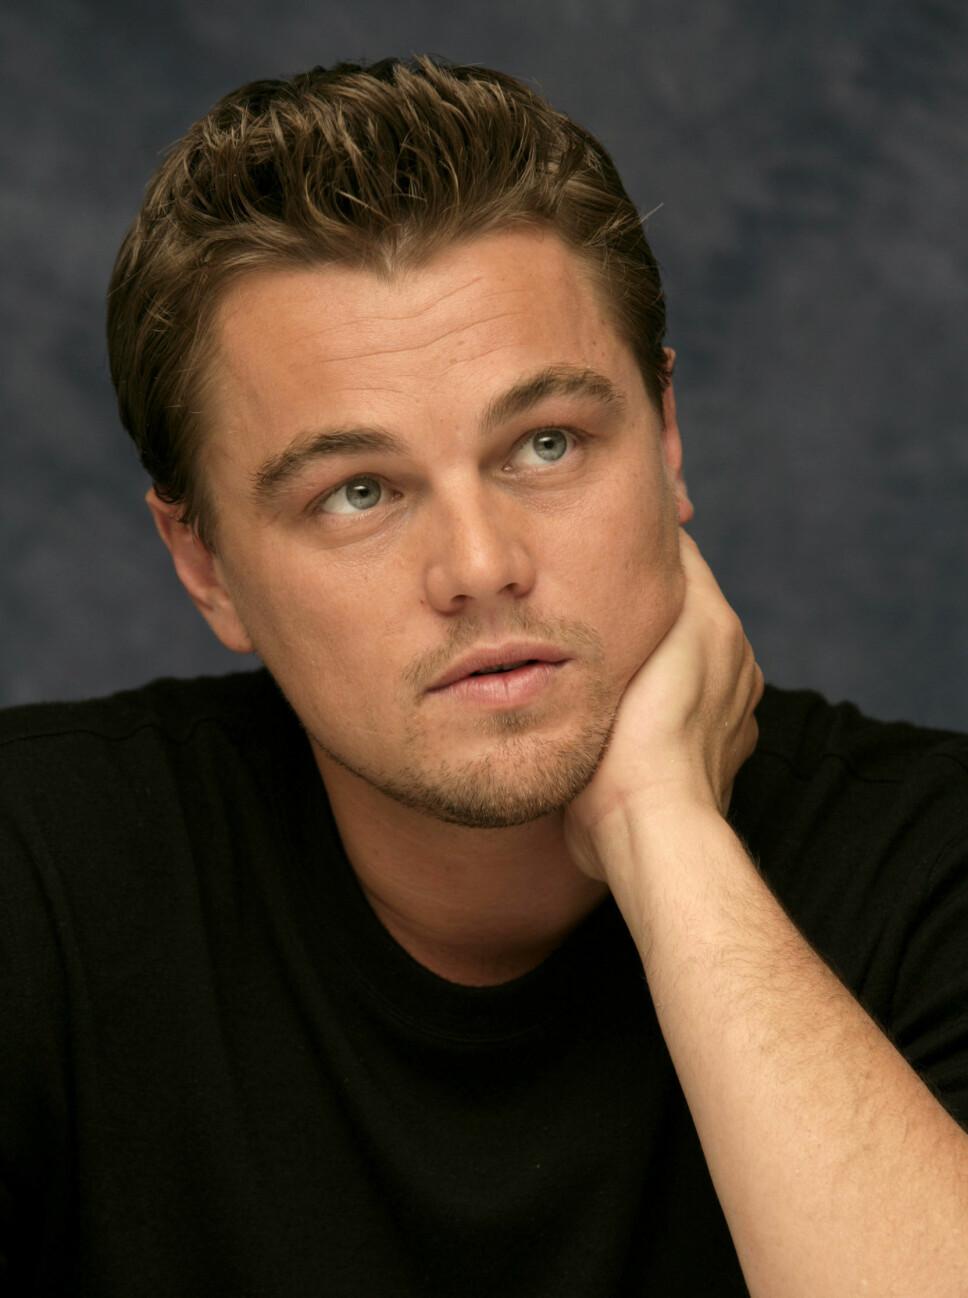 MILJØVERNER: Hollywood- stjernen Leonardo DiCaprio har viet Greta oppmerksomhet på sosiale medier.